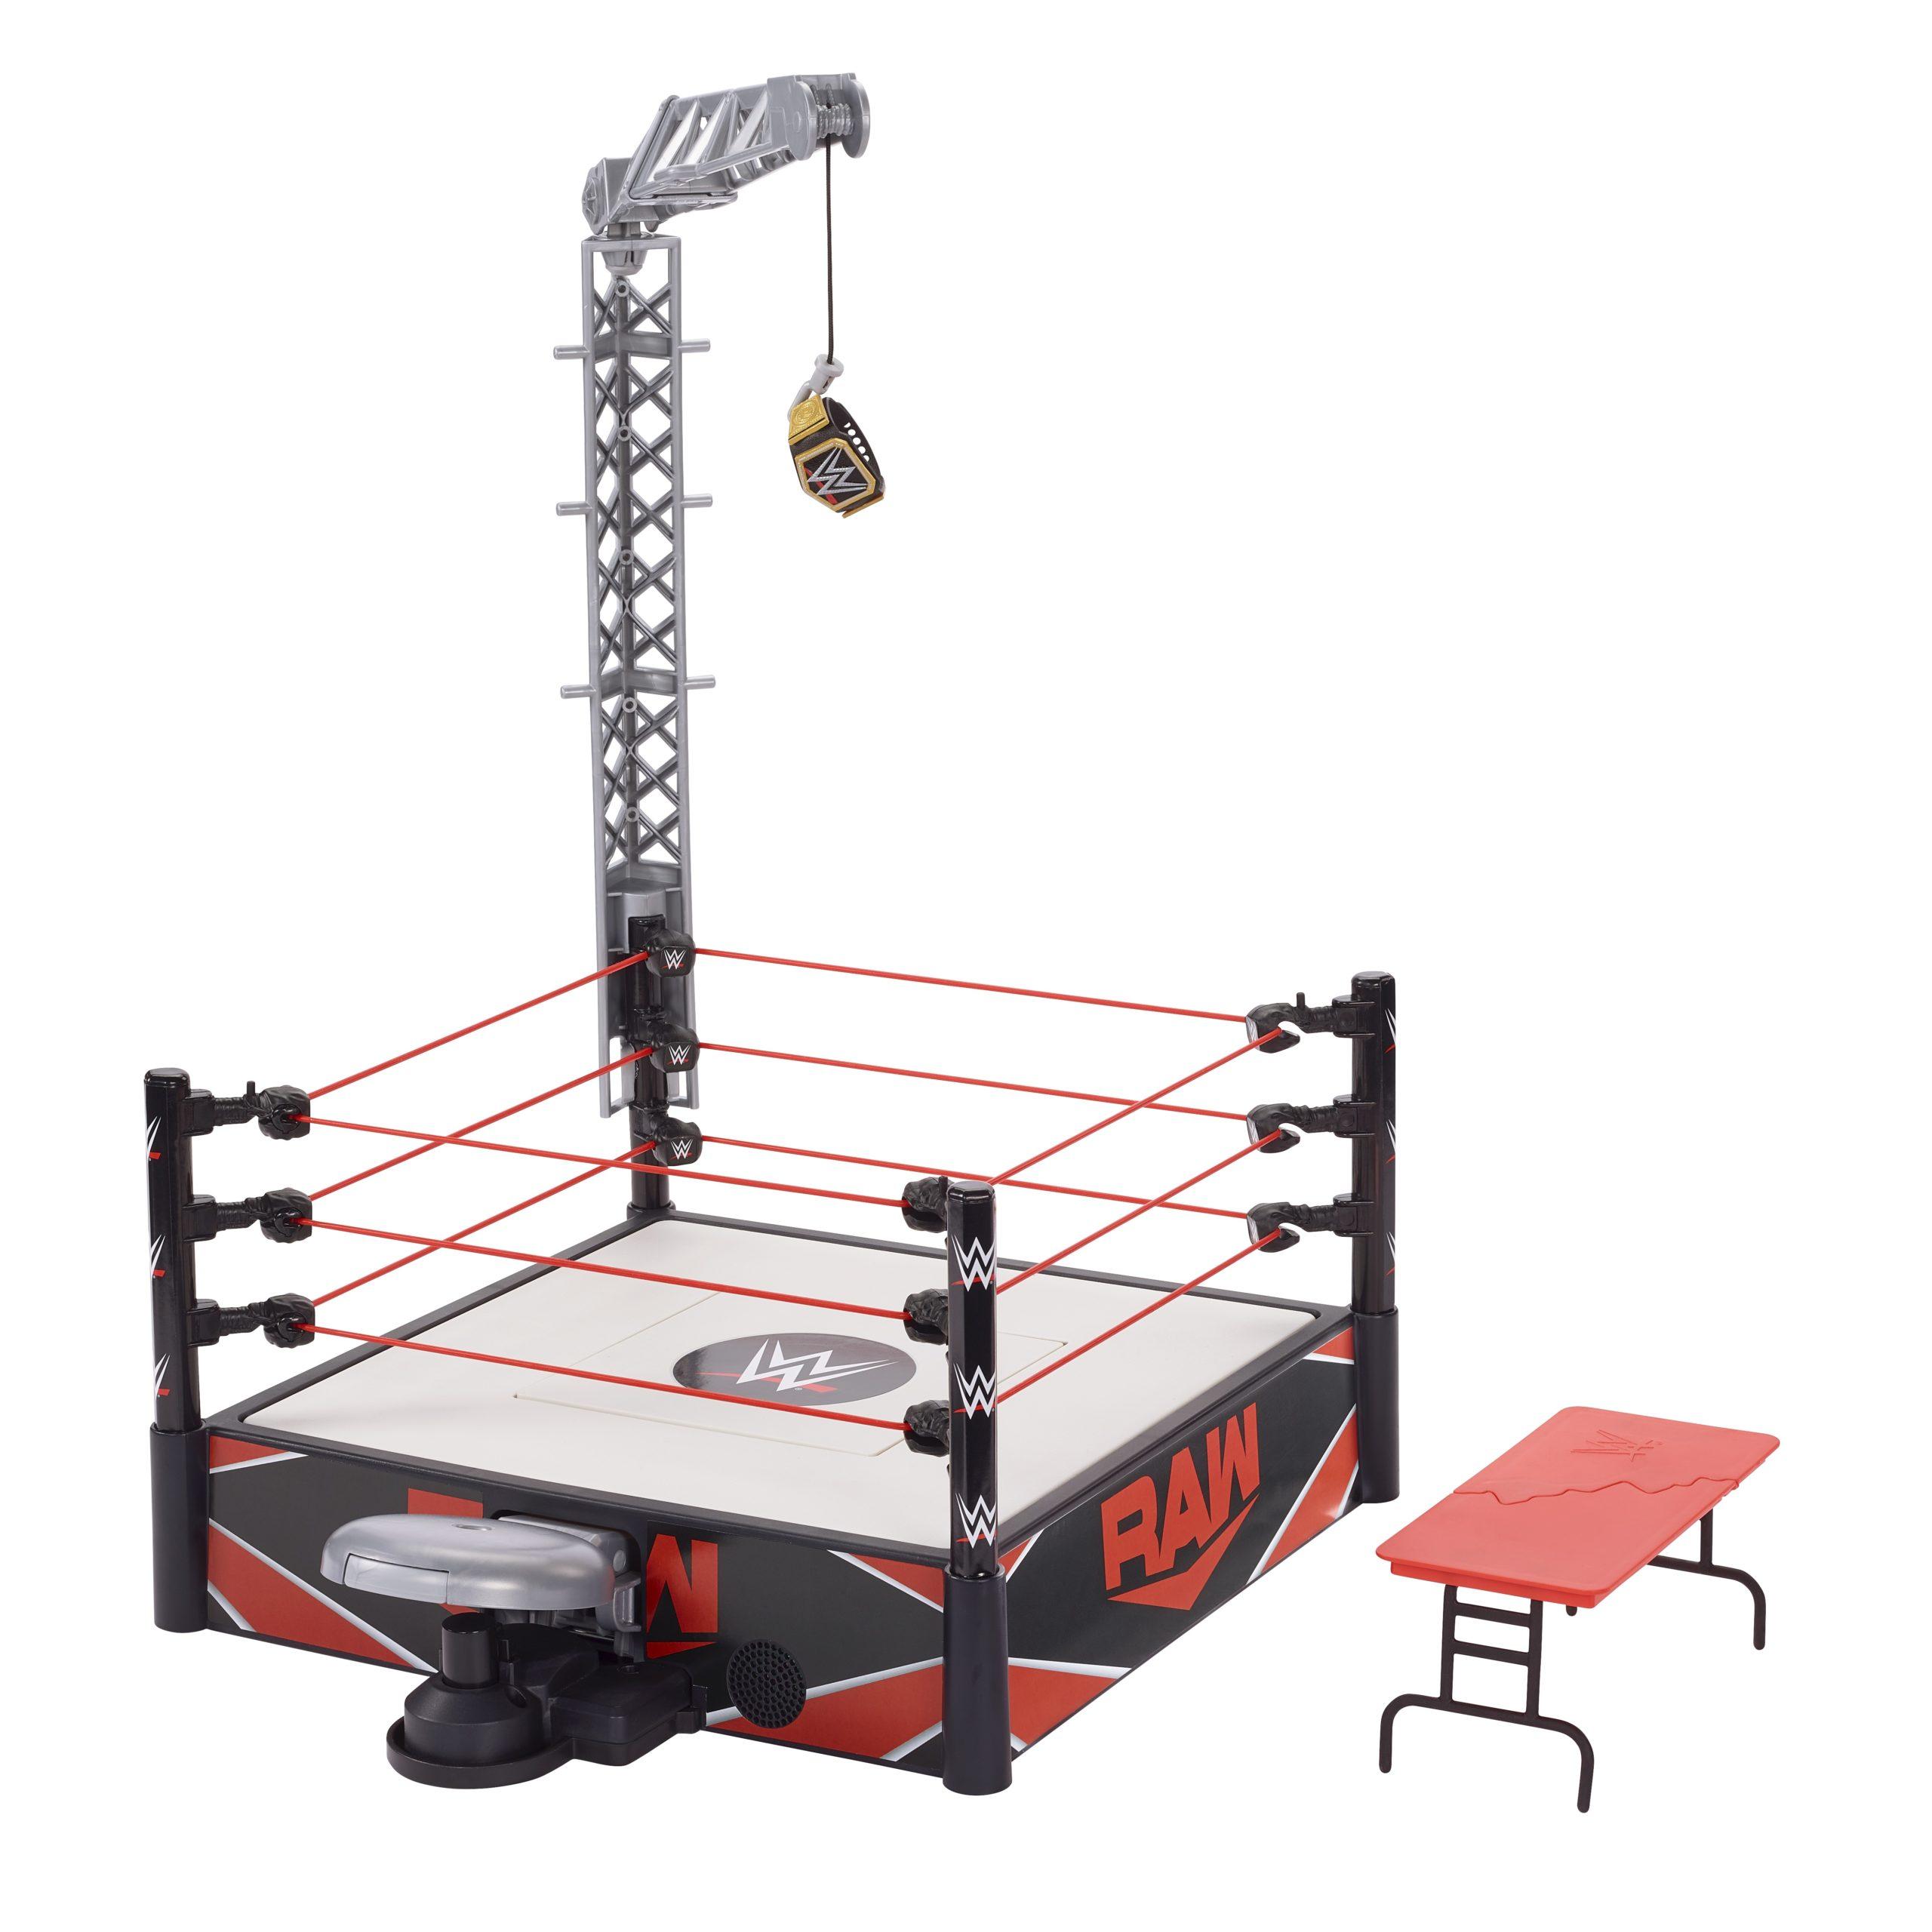 Mattel - Virtual Toy Fair 2021 - WWE Wrekkin Kickout Ring - 01